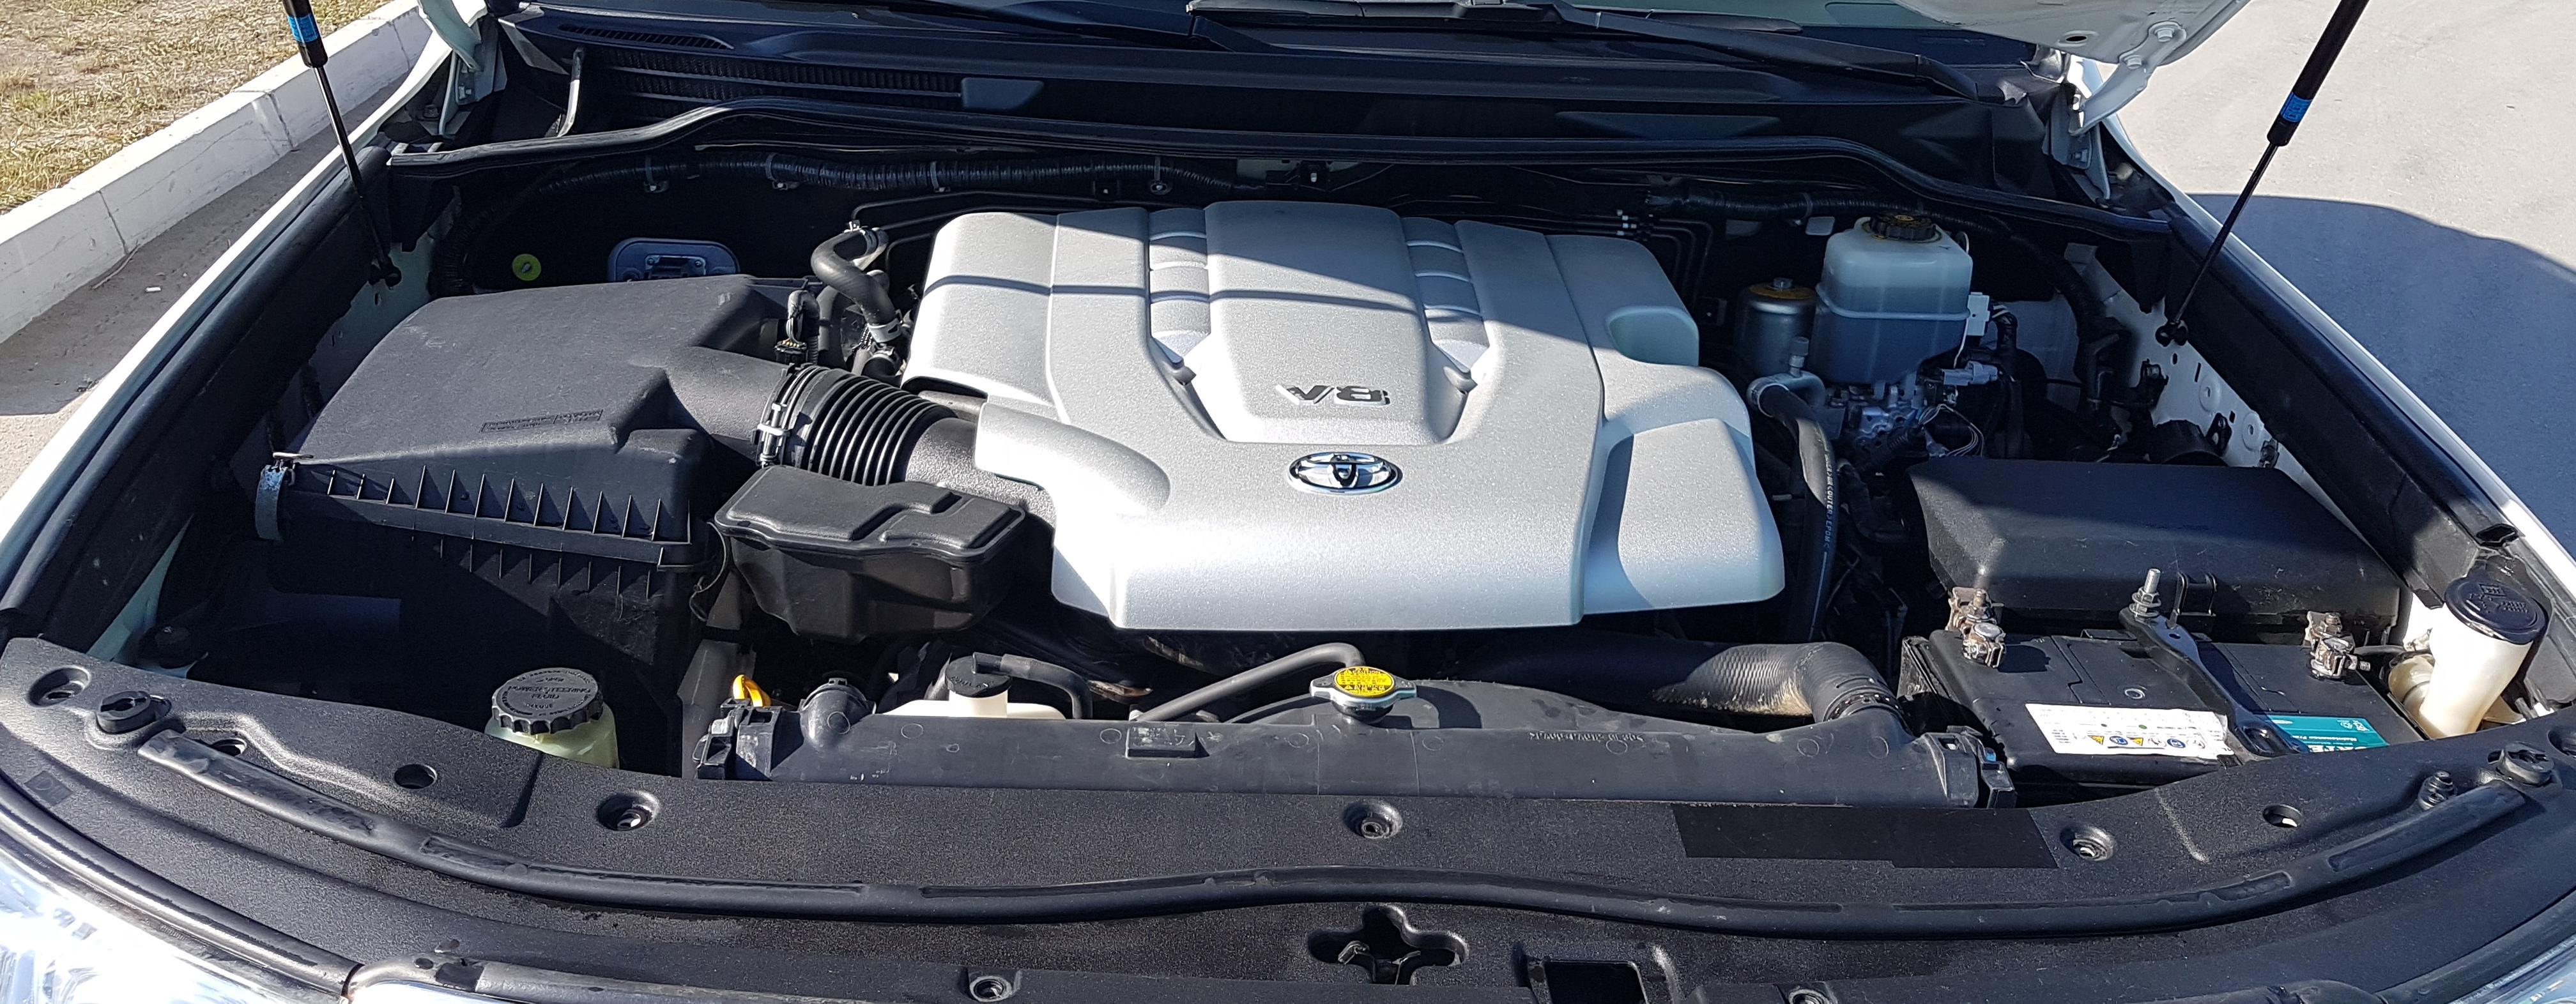 Бензиновый двигатель ТЛК 200